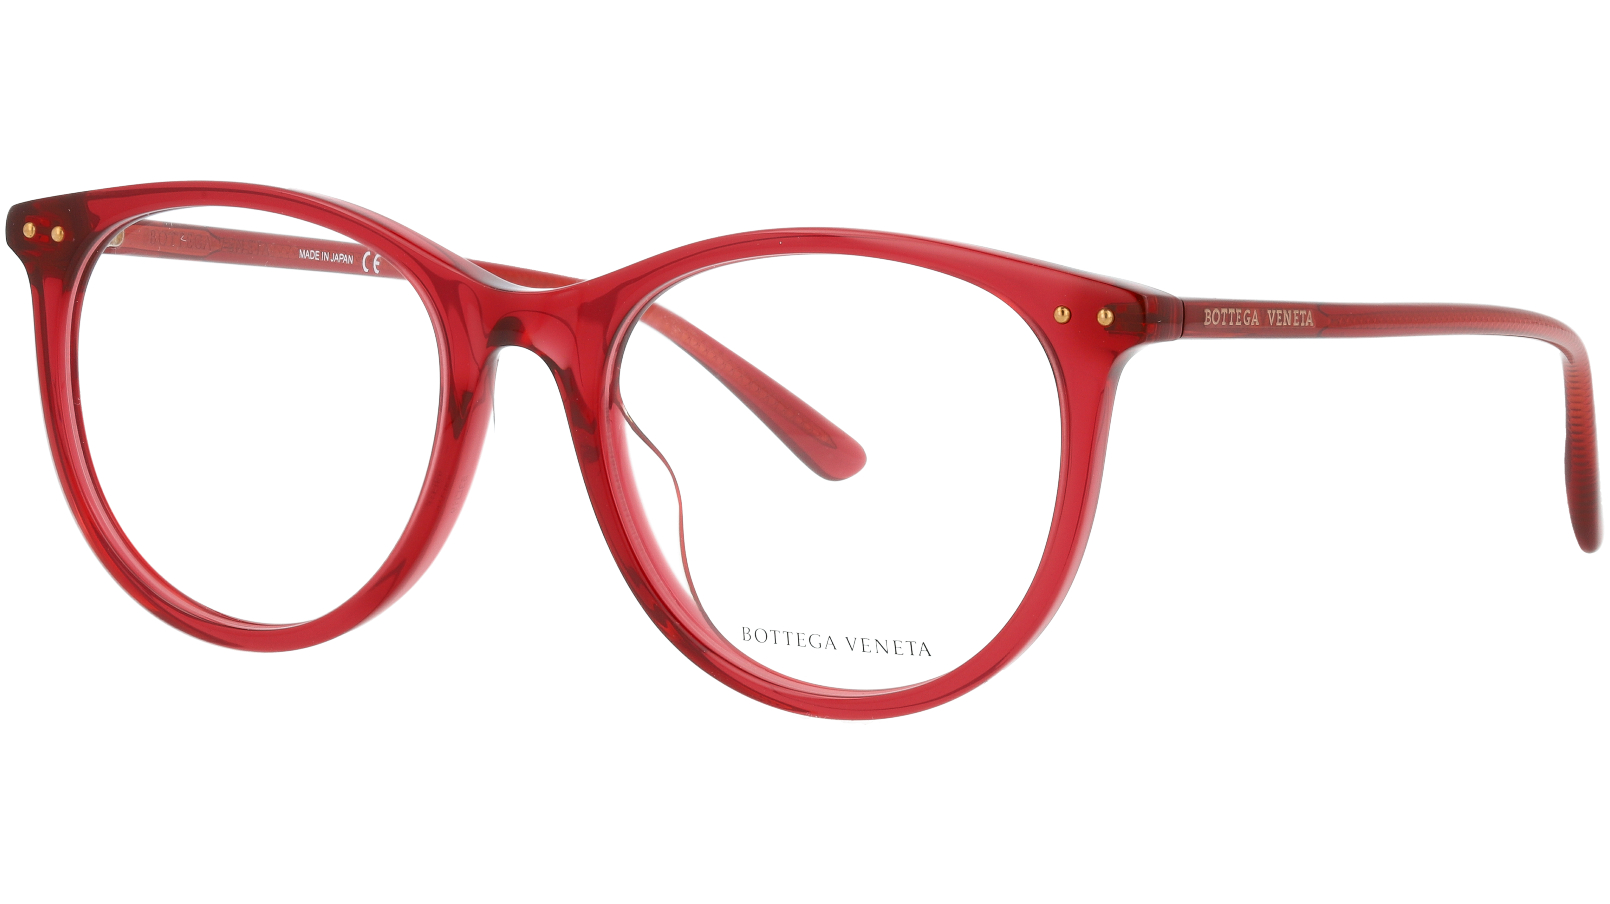 Bottega Veneta BV0215OA 004 53 Red Glasses